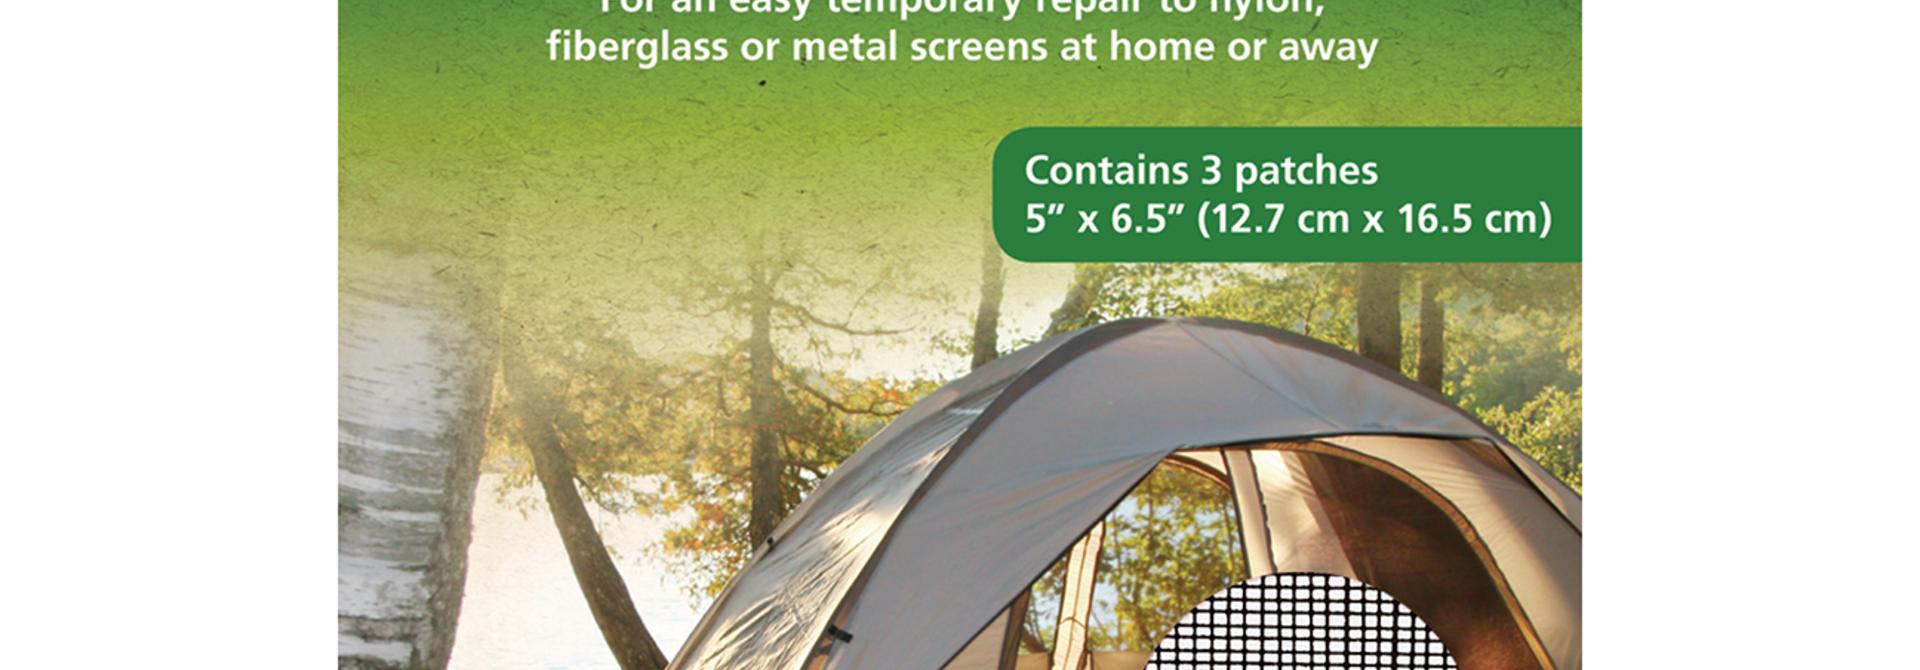 Self-Adhesive Screen Patches Tent Repair